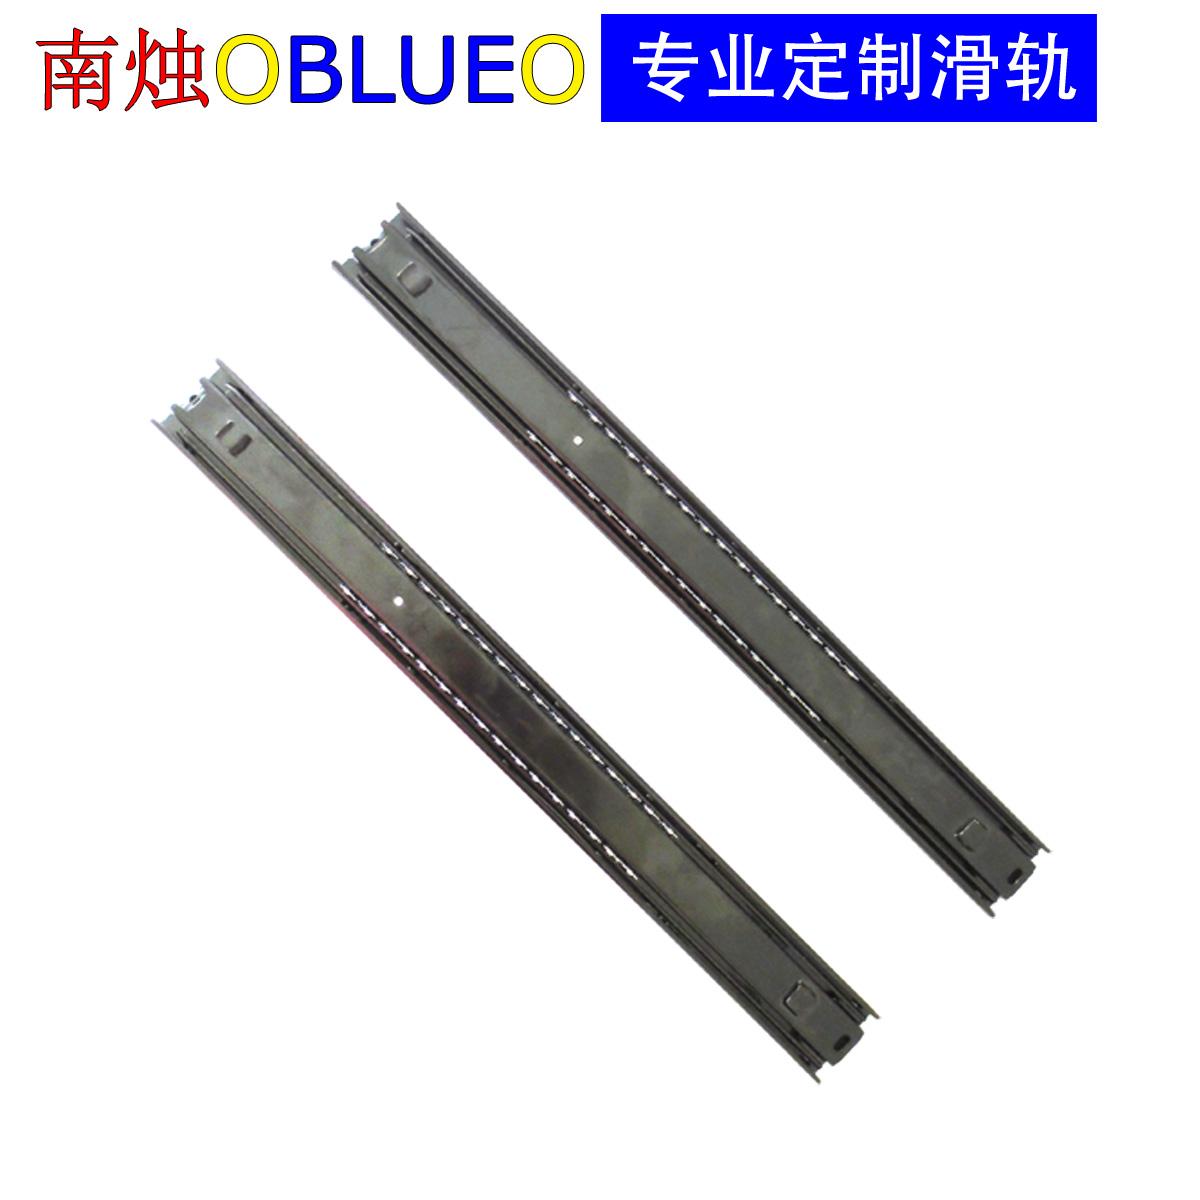 45mm三節《卡插式》滑軌/工具箱滑軌/鋼柜滑軌